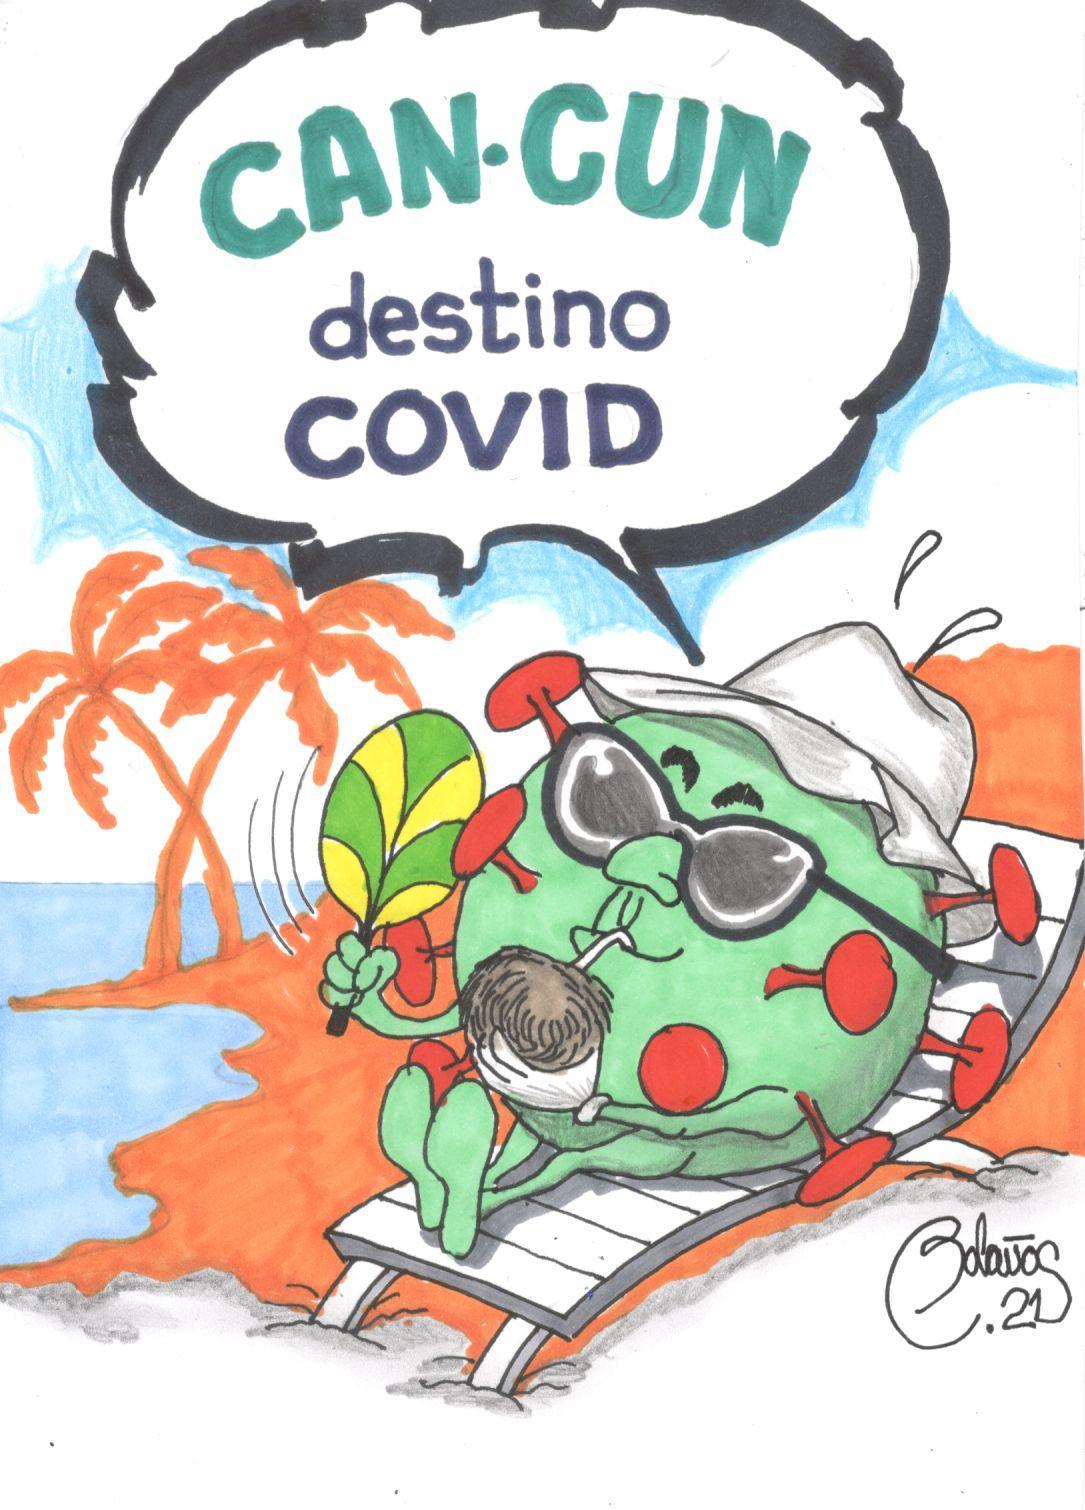 Cancún destino Covid